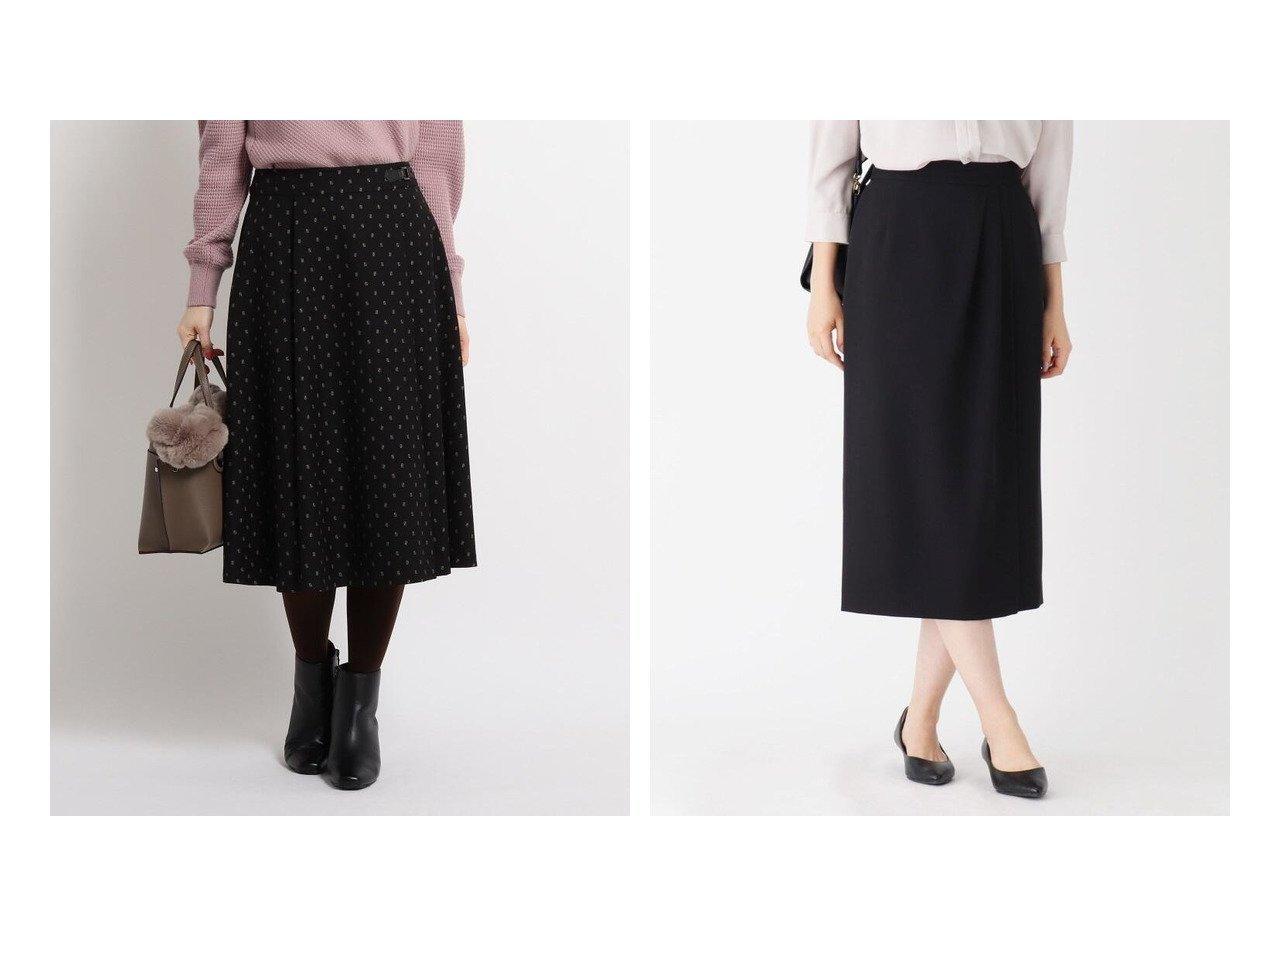 【Reflect/リフレクト】のクラバットジャカードスカート&【OPAQUE.CLIP/オペークドットクリップ】のCARREMANラップ風タイトスカート スカートのおすすめ!人気、レディースファッションの通販 おすすめで人気のファッション通販商品 インテリア・家具・キッズファッション・メンズファッション・レディースファッション・服の通販 founy(ファニー) https://founy.com/ ファッション Fashion レディース WOMEN スカート Skirt Aライン/フレアスカート Flared A-Line Skirts スーツ Suits スーツ スカート Skirt ウォーム ジャカード ドレープ フレア ポケット 冬 Winter 無地 シンプル ジャケット ストレッチ スーツ ダブル フォーマル フランス ラップ 定番 抗菌  ID:crp329100000005309